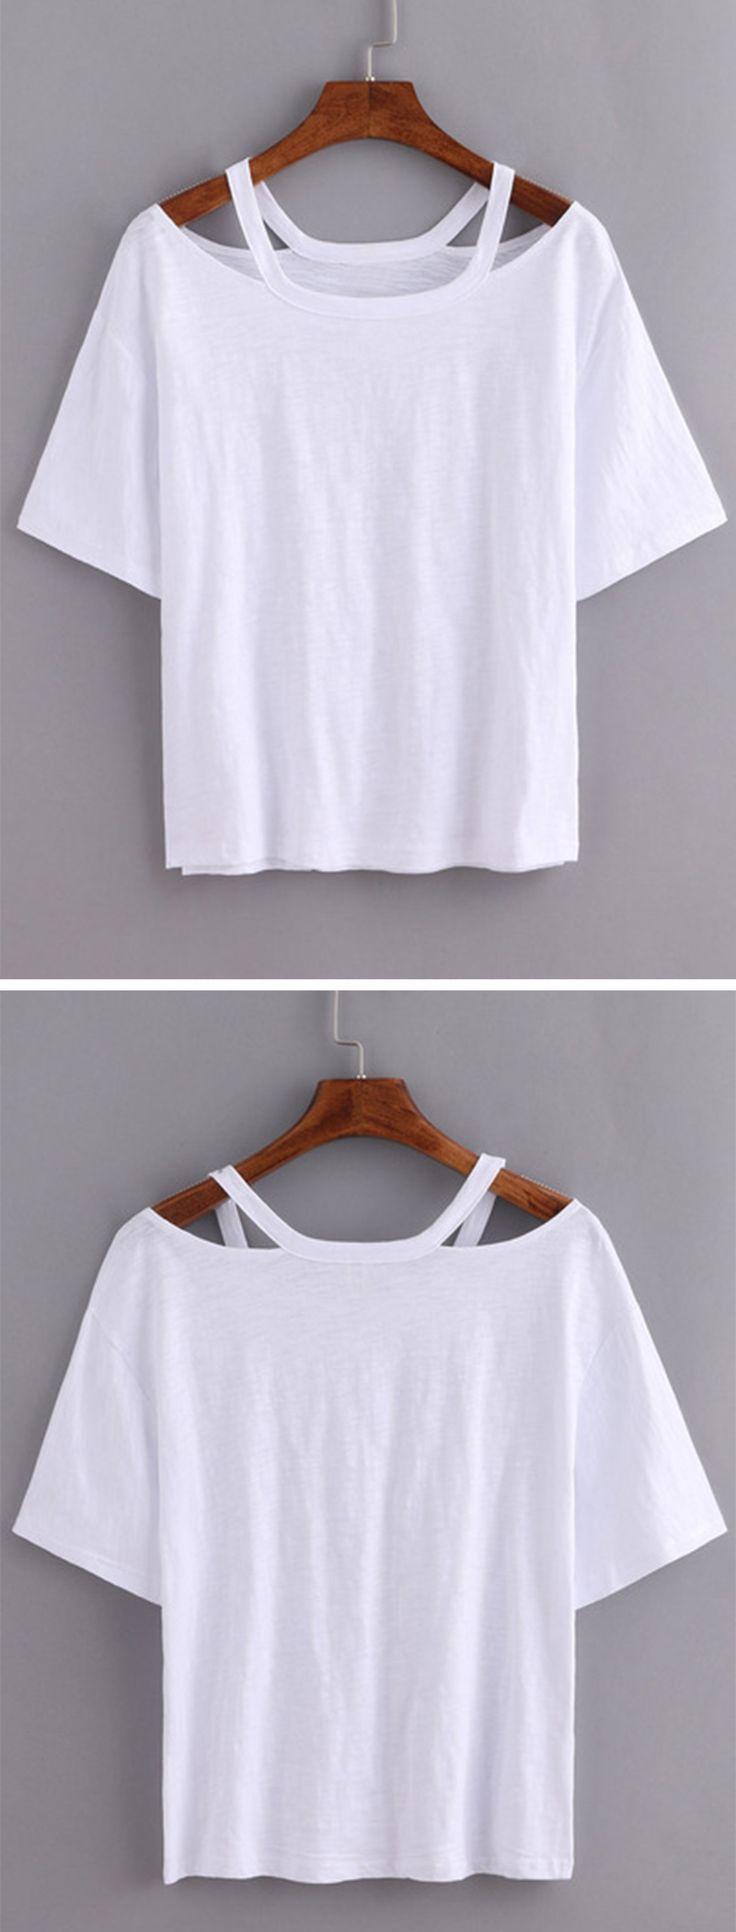 Customização | Customização de camisetas, Roupas artesanais